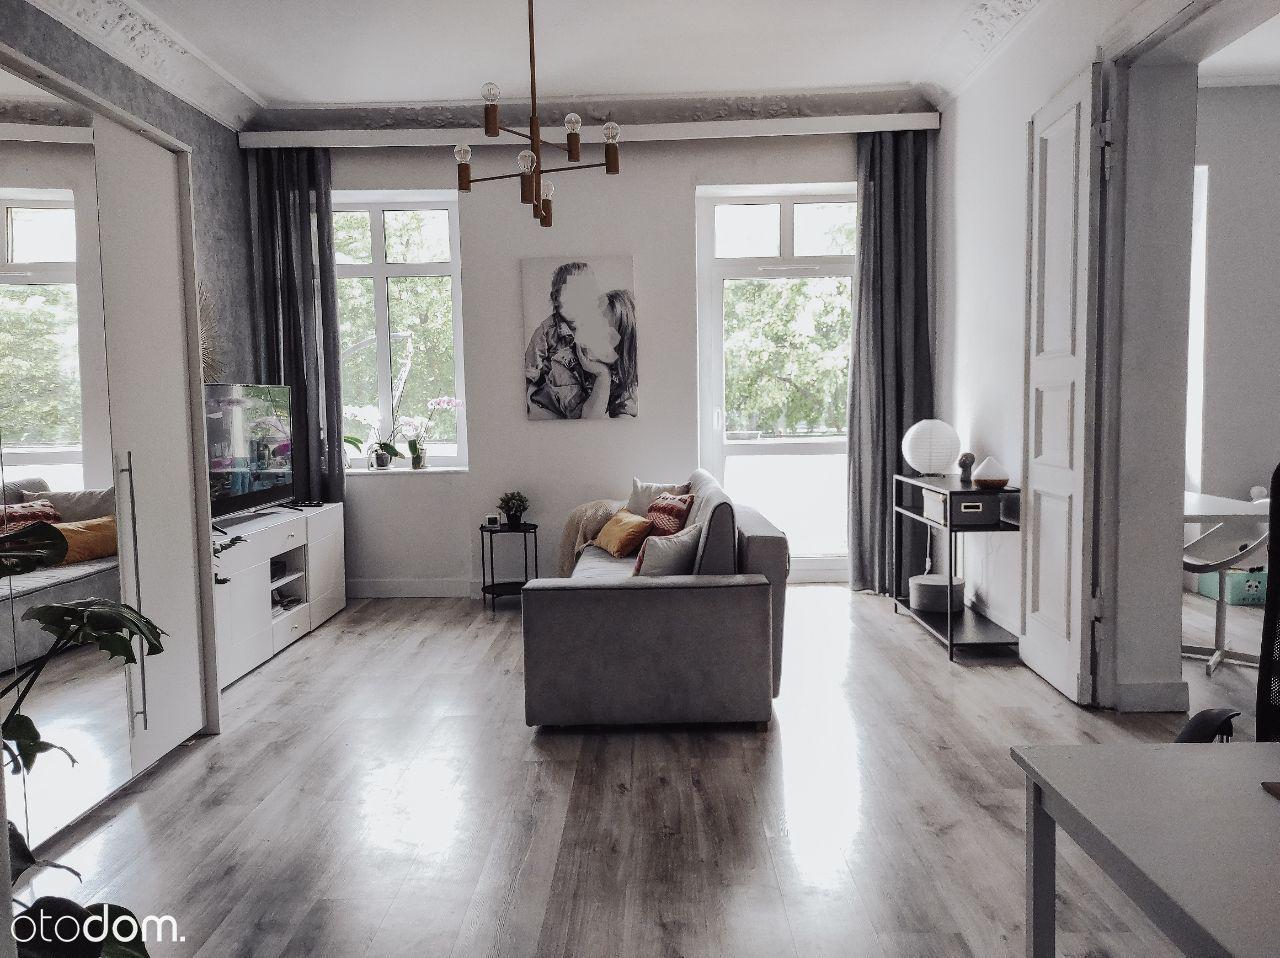 Mieszkanie 3 pokojowe w kamienicy - 99,7 m2.